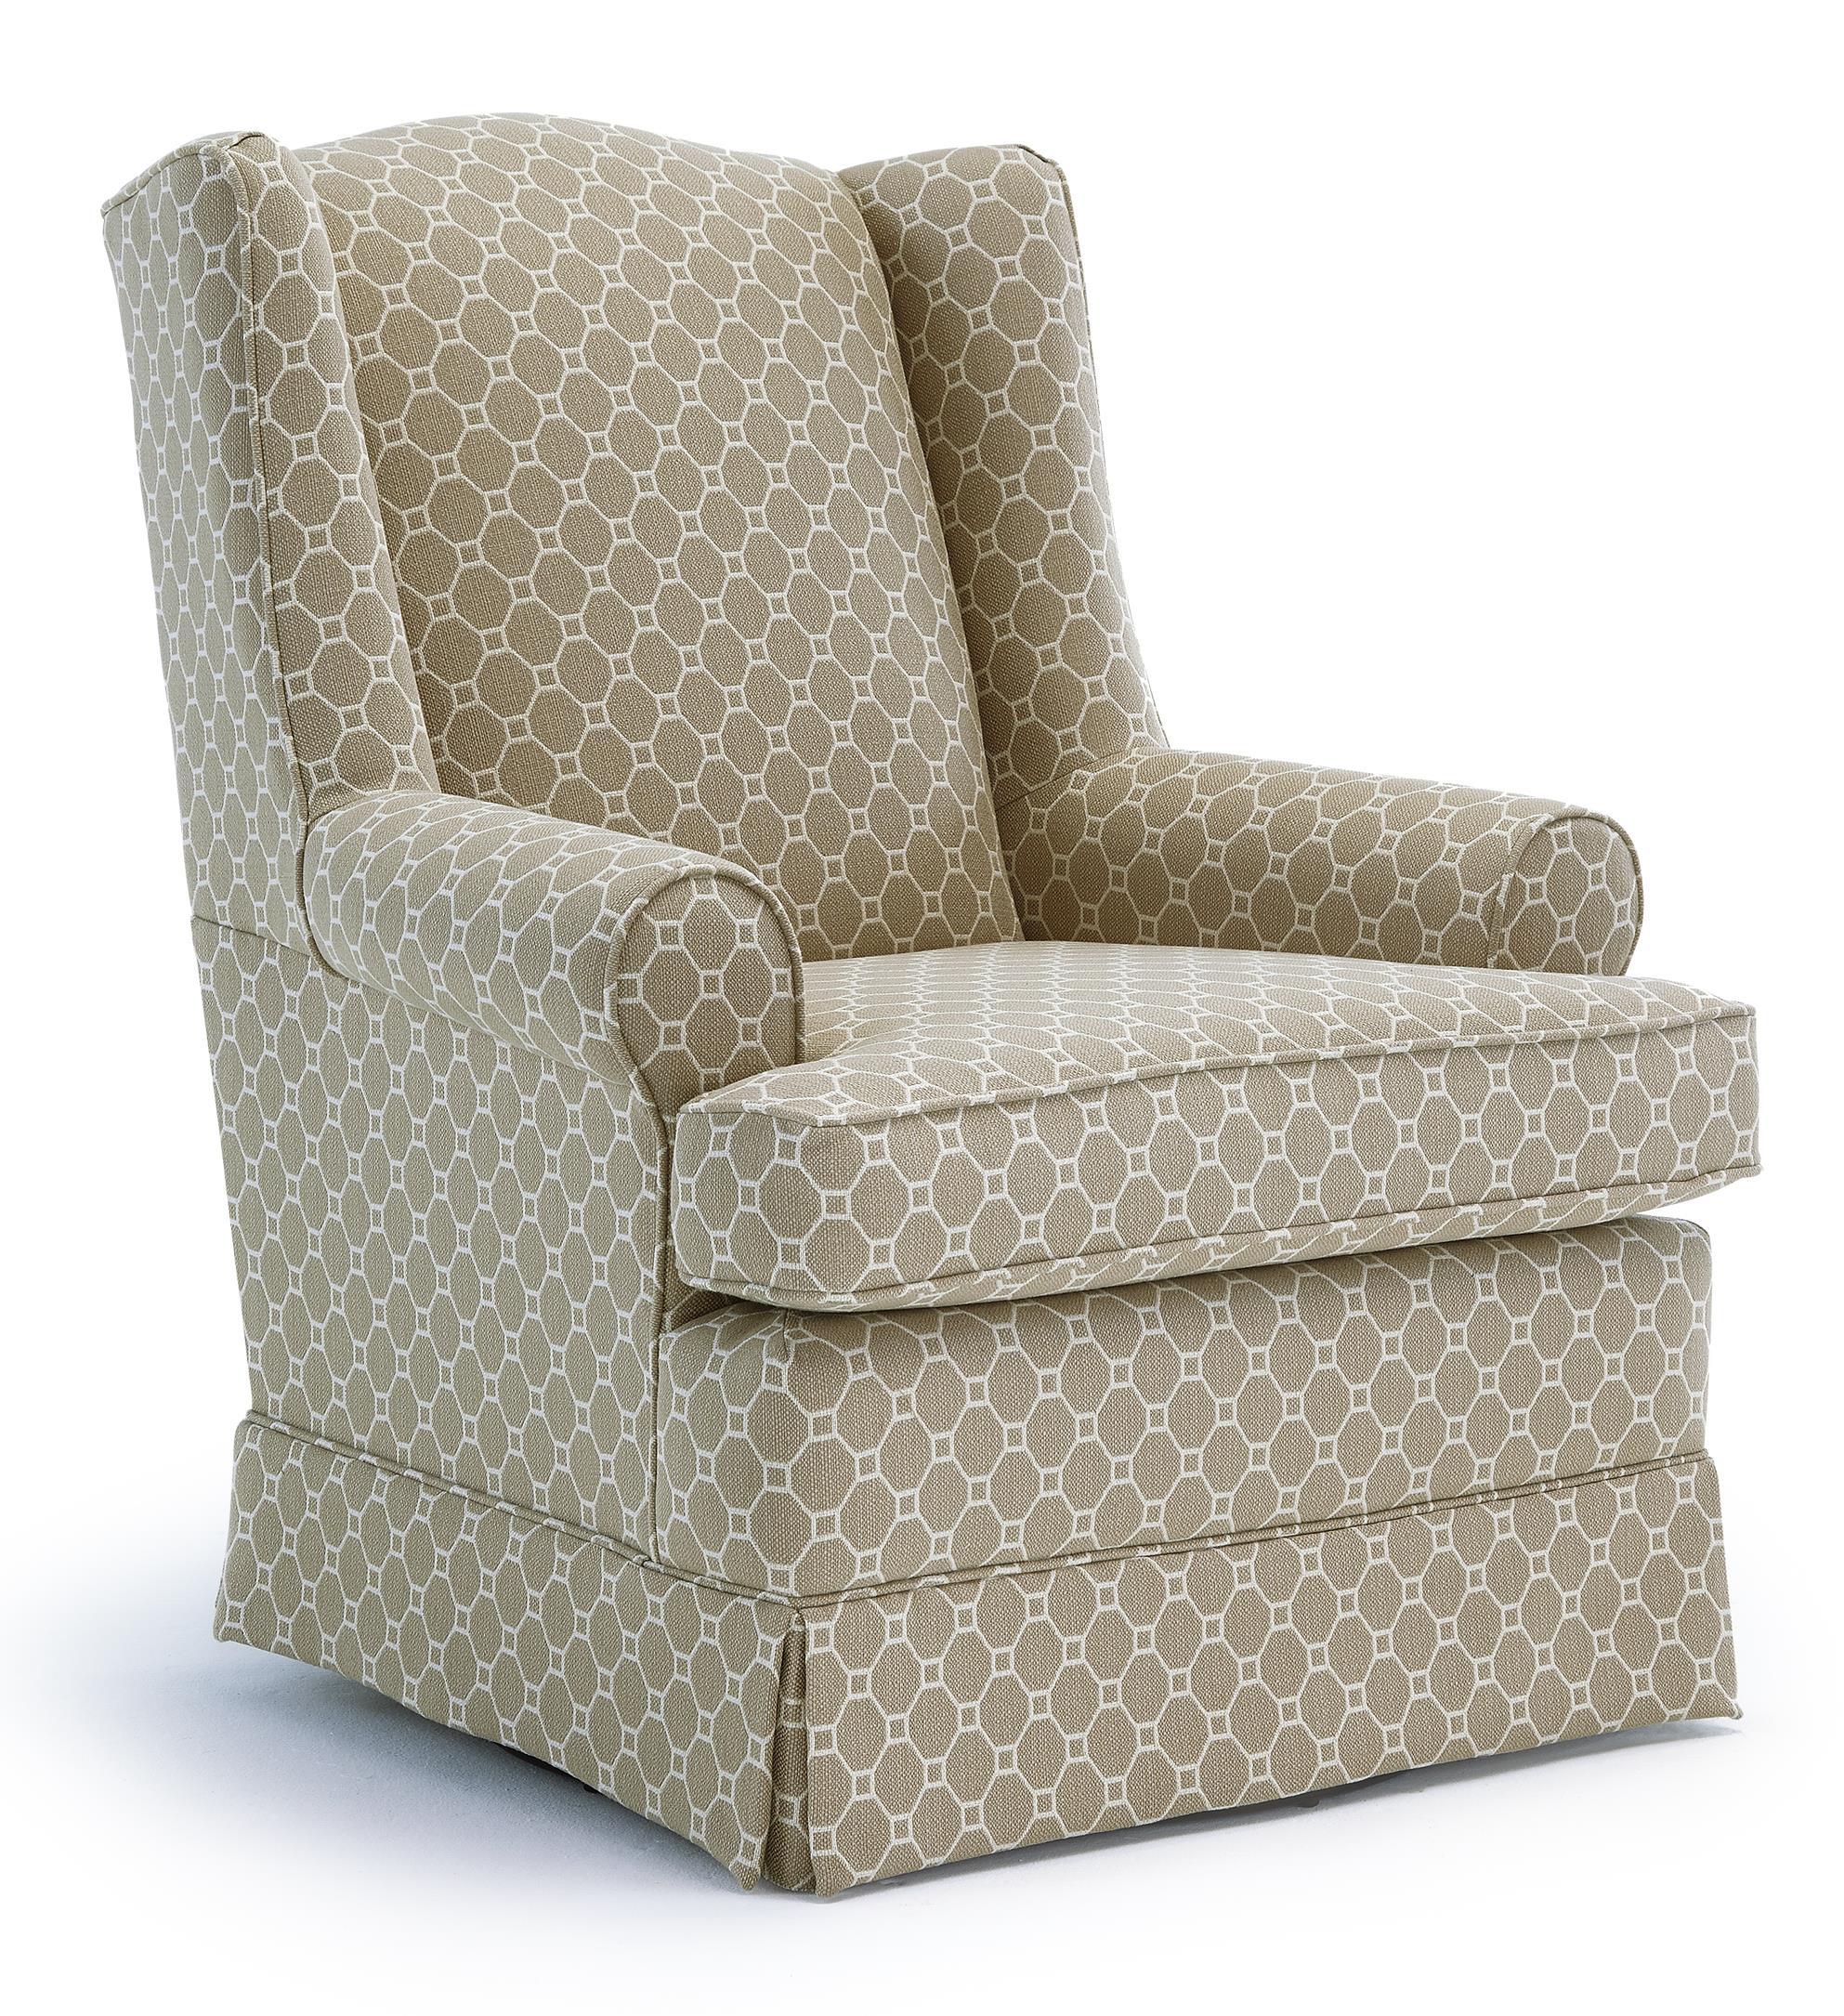 Best Home Furnishings Chairs Swivel Glide 7197 Roni